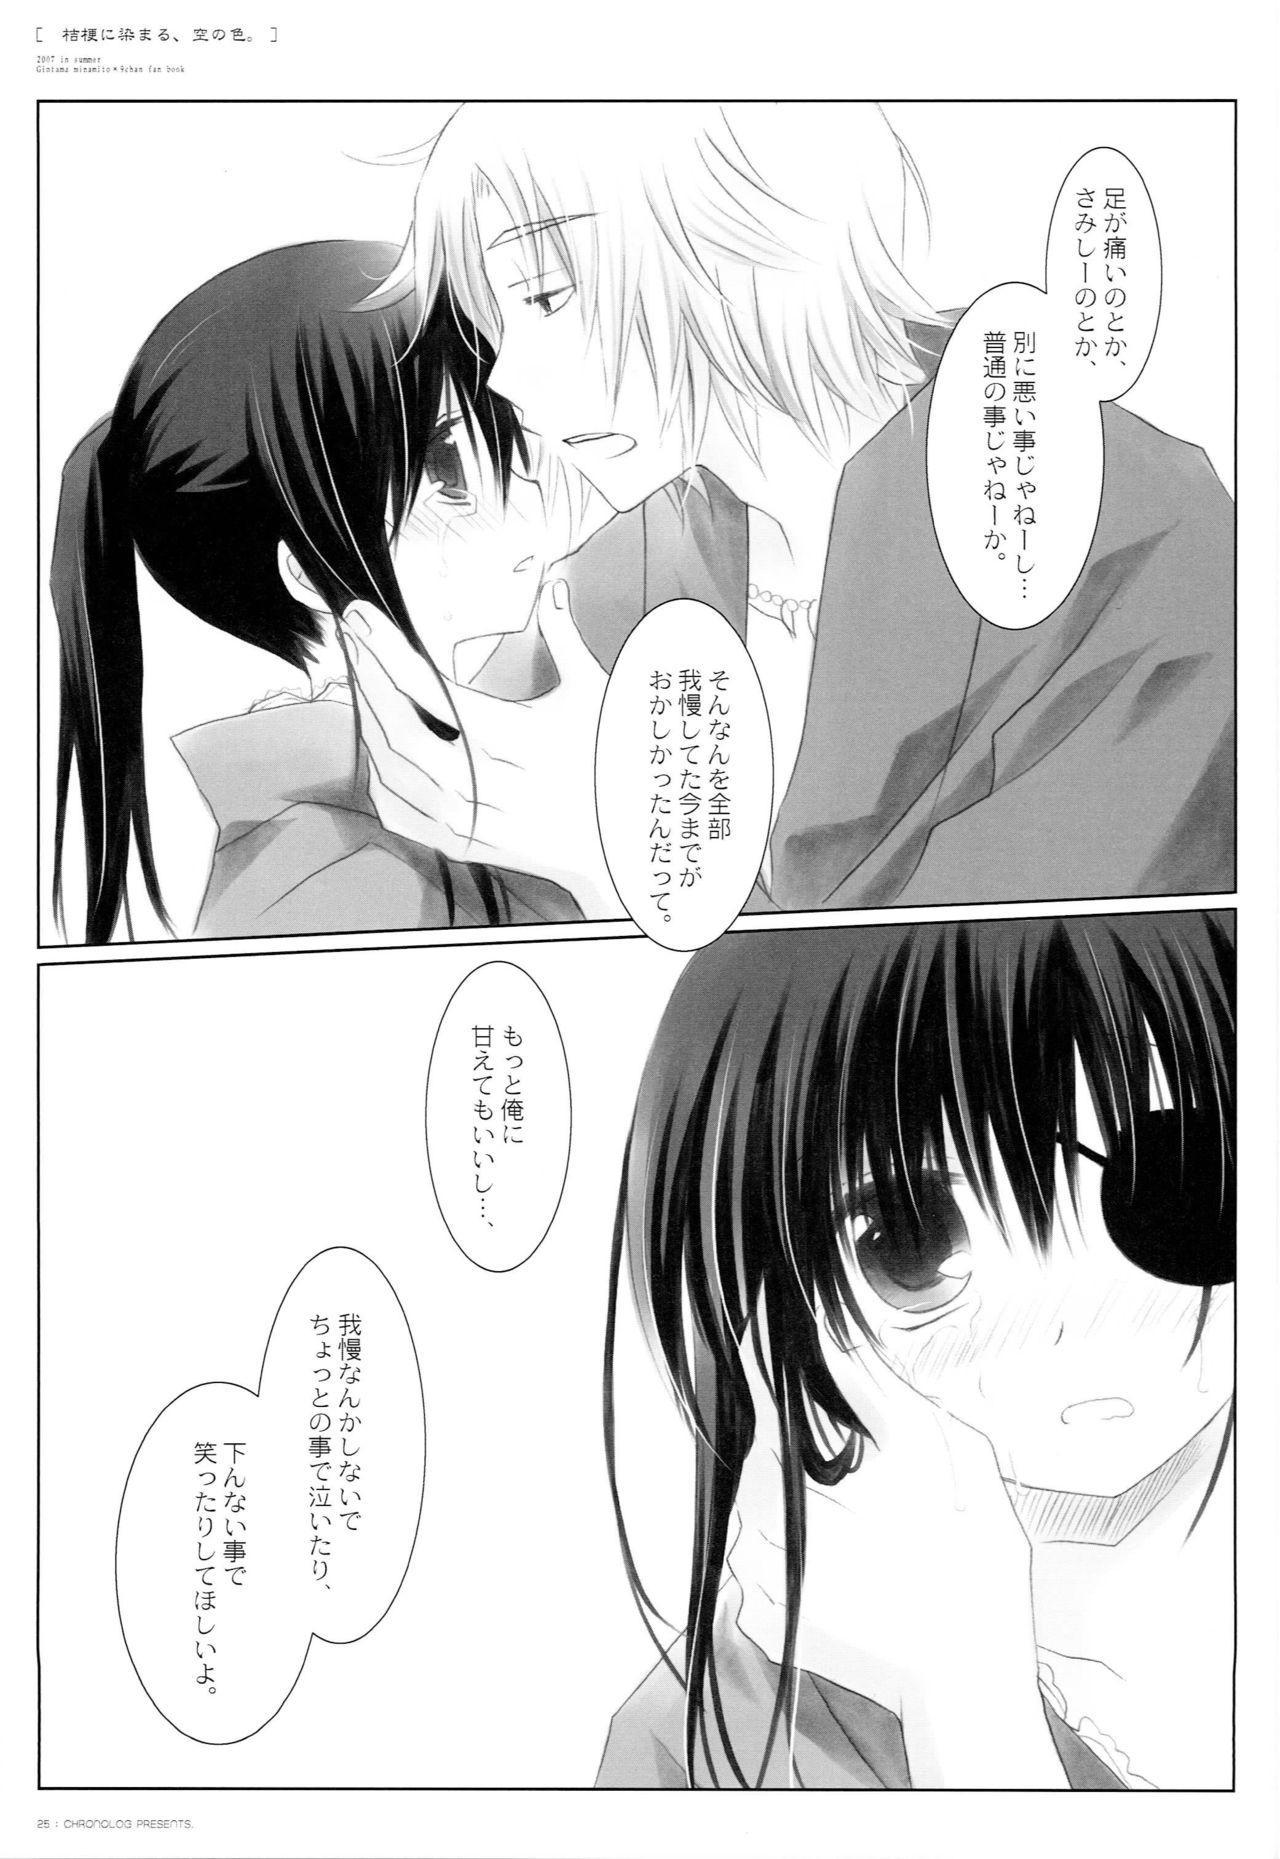 Kikyou ni Somaru Sora no Iro 23